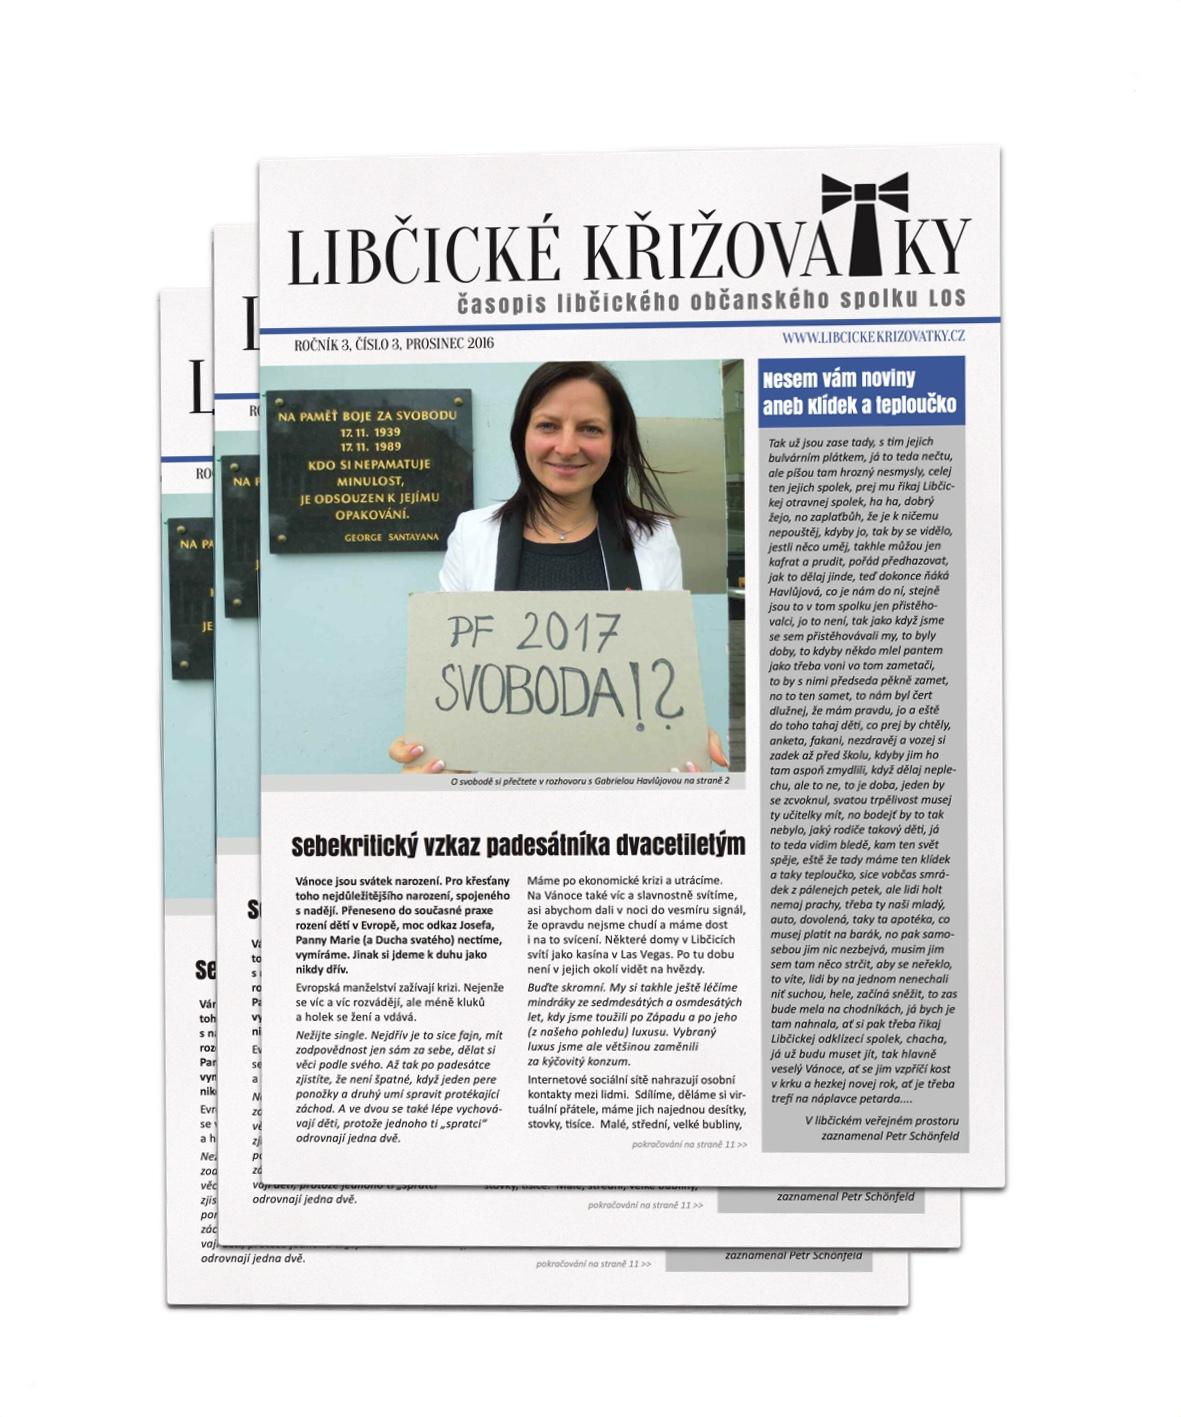 2016-12-Libcicke-krizovatky-c3-16